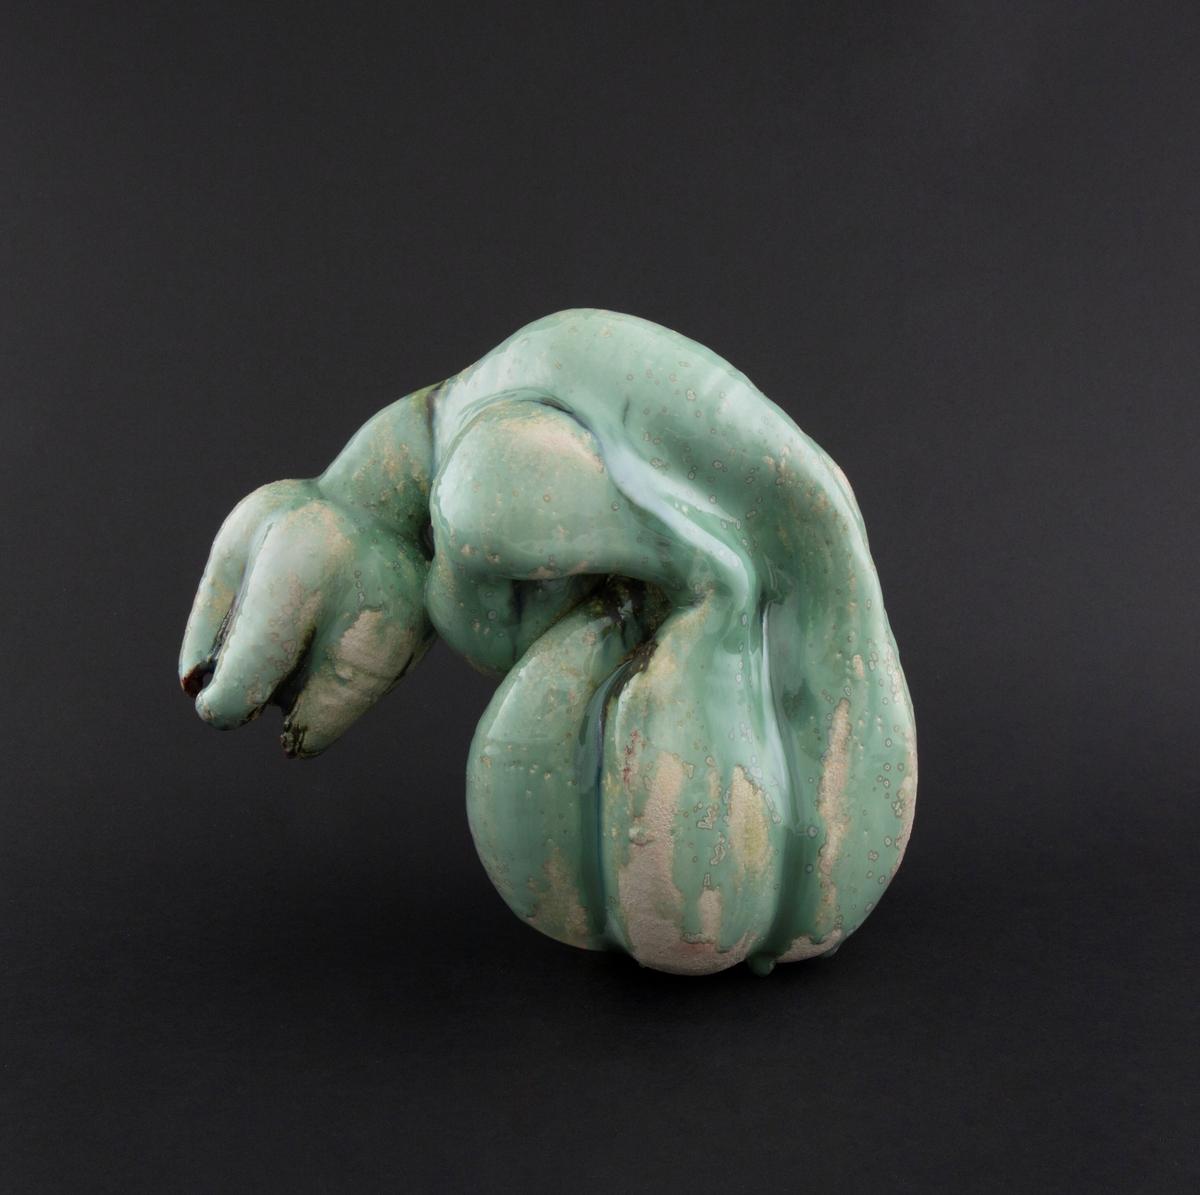 Håndmodellert skulptur i glasert steingods i liggende positur. Den har en organisk og asymmetrisk kalebassform som ender i en tulipanform med halvåpne kronblader. Keramikkskulpturen inngår i en installasjon bestående av 26 deler i ulike størrelser og med individuell utforming. De asymmetriske variasjonene gir et inntrykk av bevegelse, og den lett sykelige fargepaletten gir et uhyggelig og grotesk preg. Samtlige deler minner om kjøttetende planter.